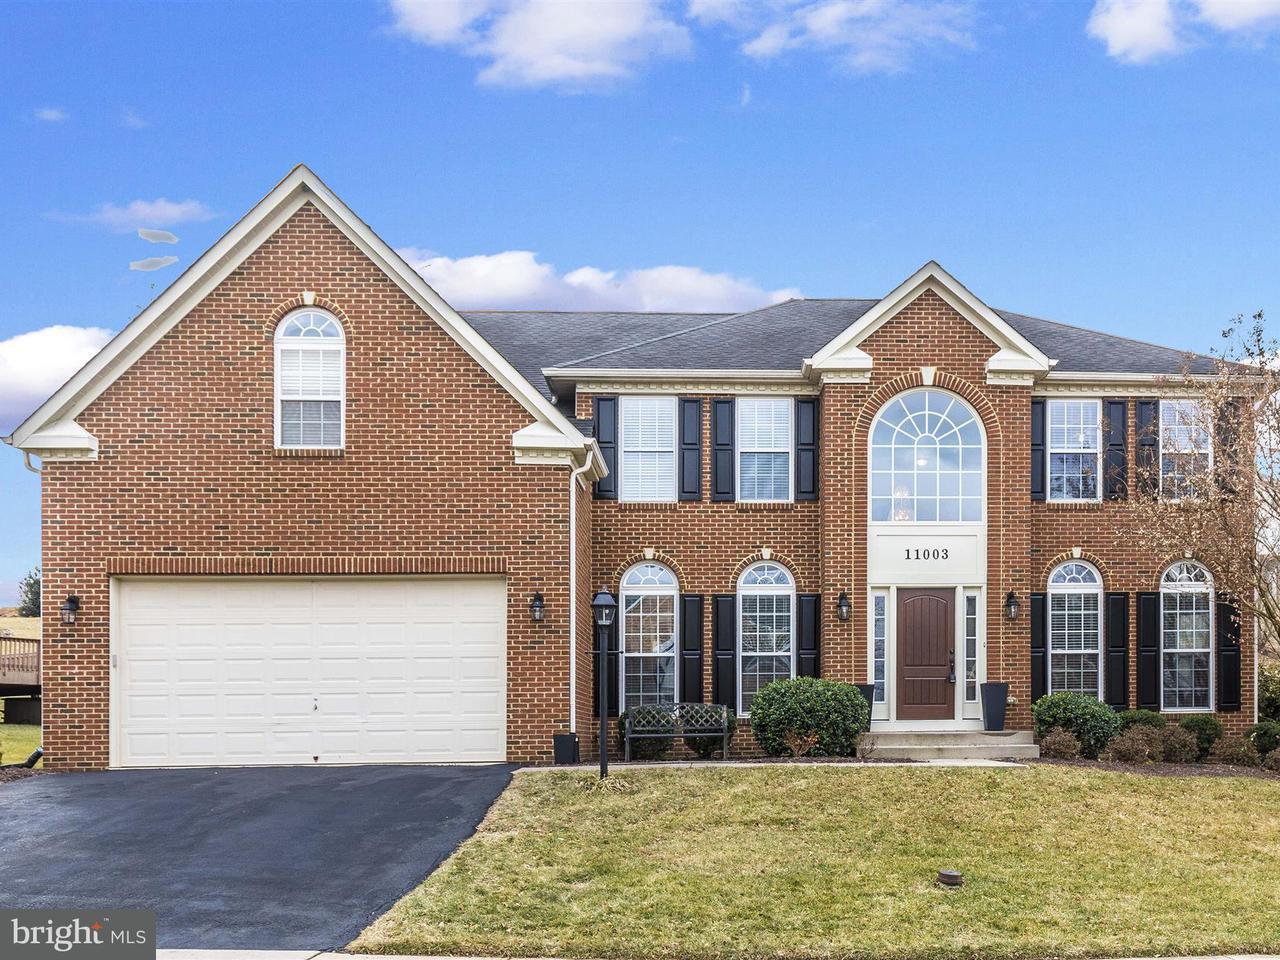 Casa Unifamiliar por un Venta en 11003 Country Club Road 11003 Country Club Road New Market, Maryland 21774 Estados Unidos